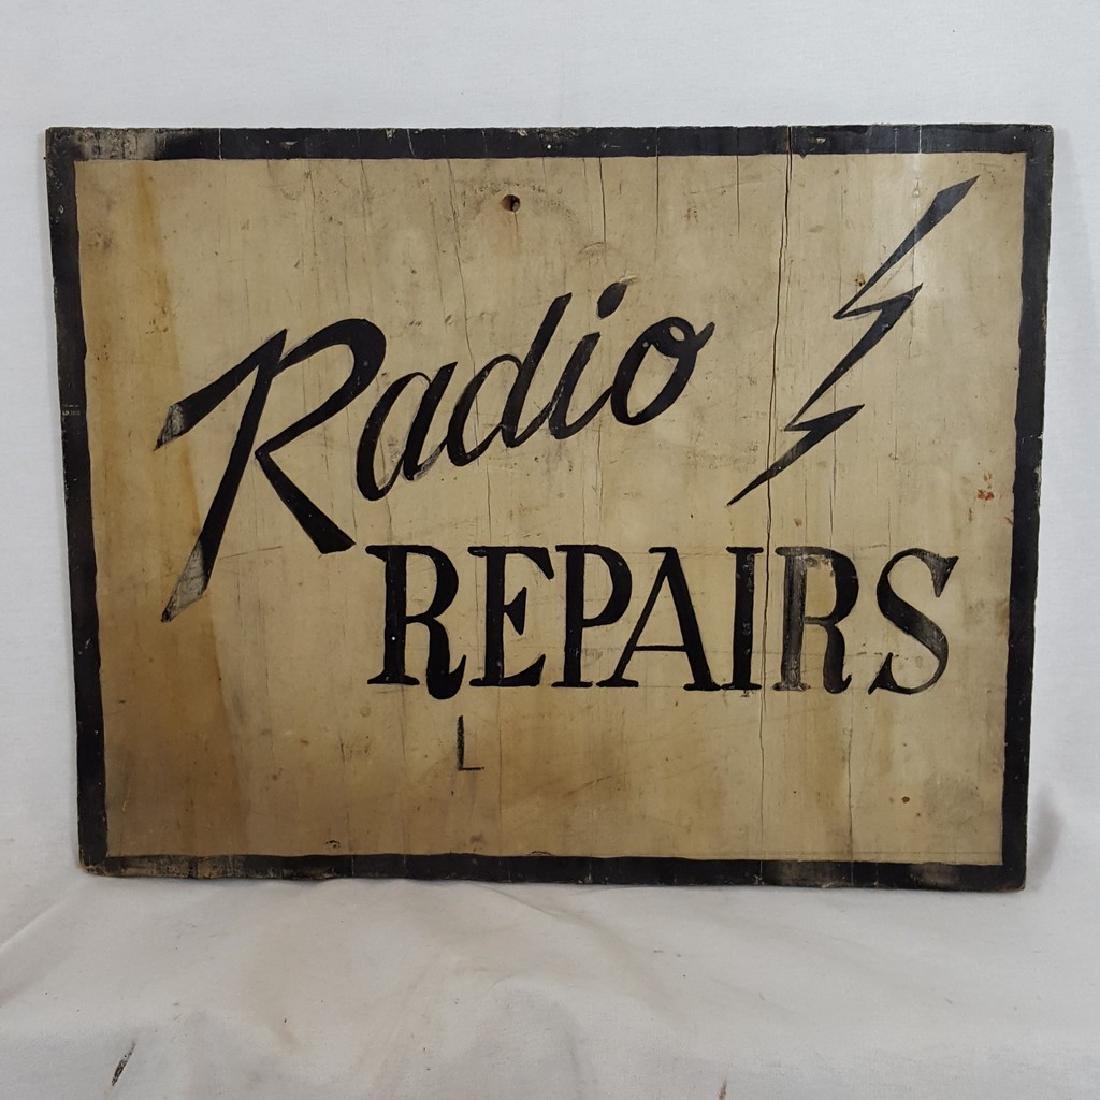 Radios Repaired Sign Ca 1930-1950